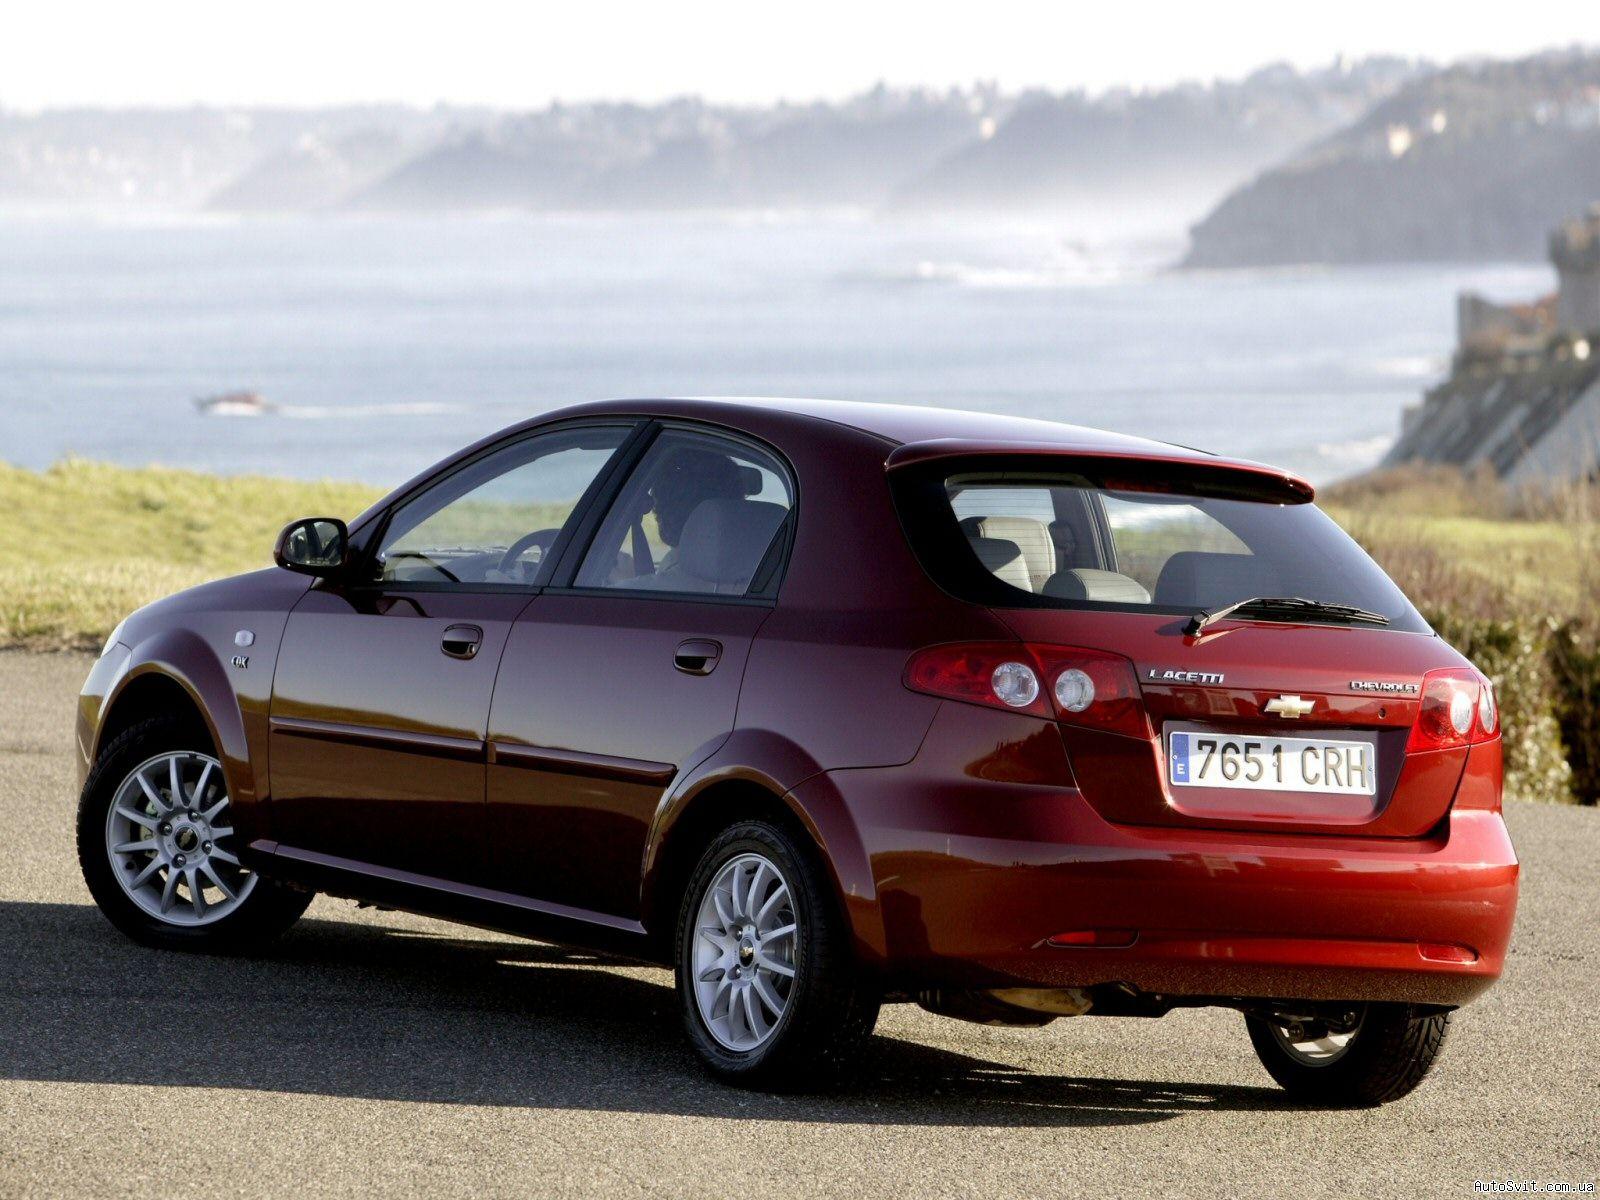 Chevrolet Lacetti 2006 Photo - 1